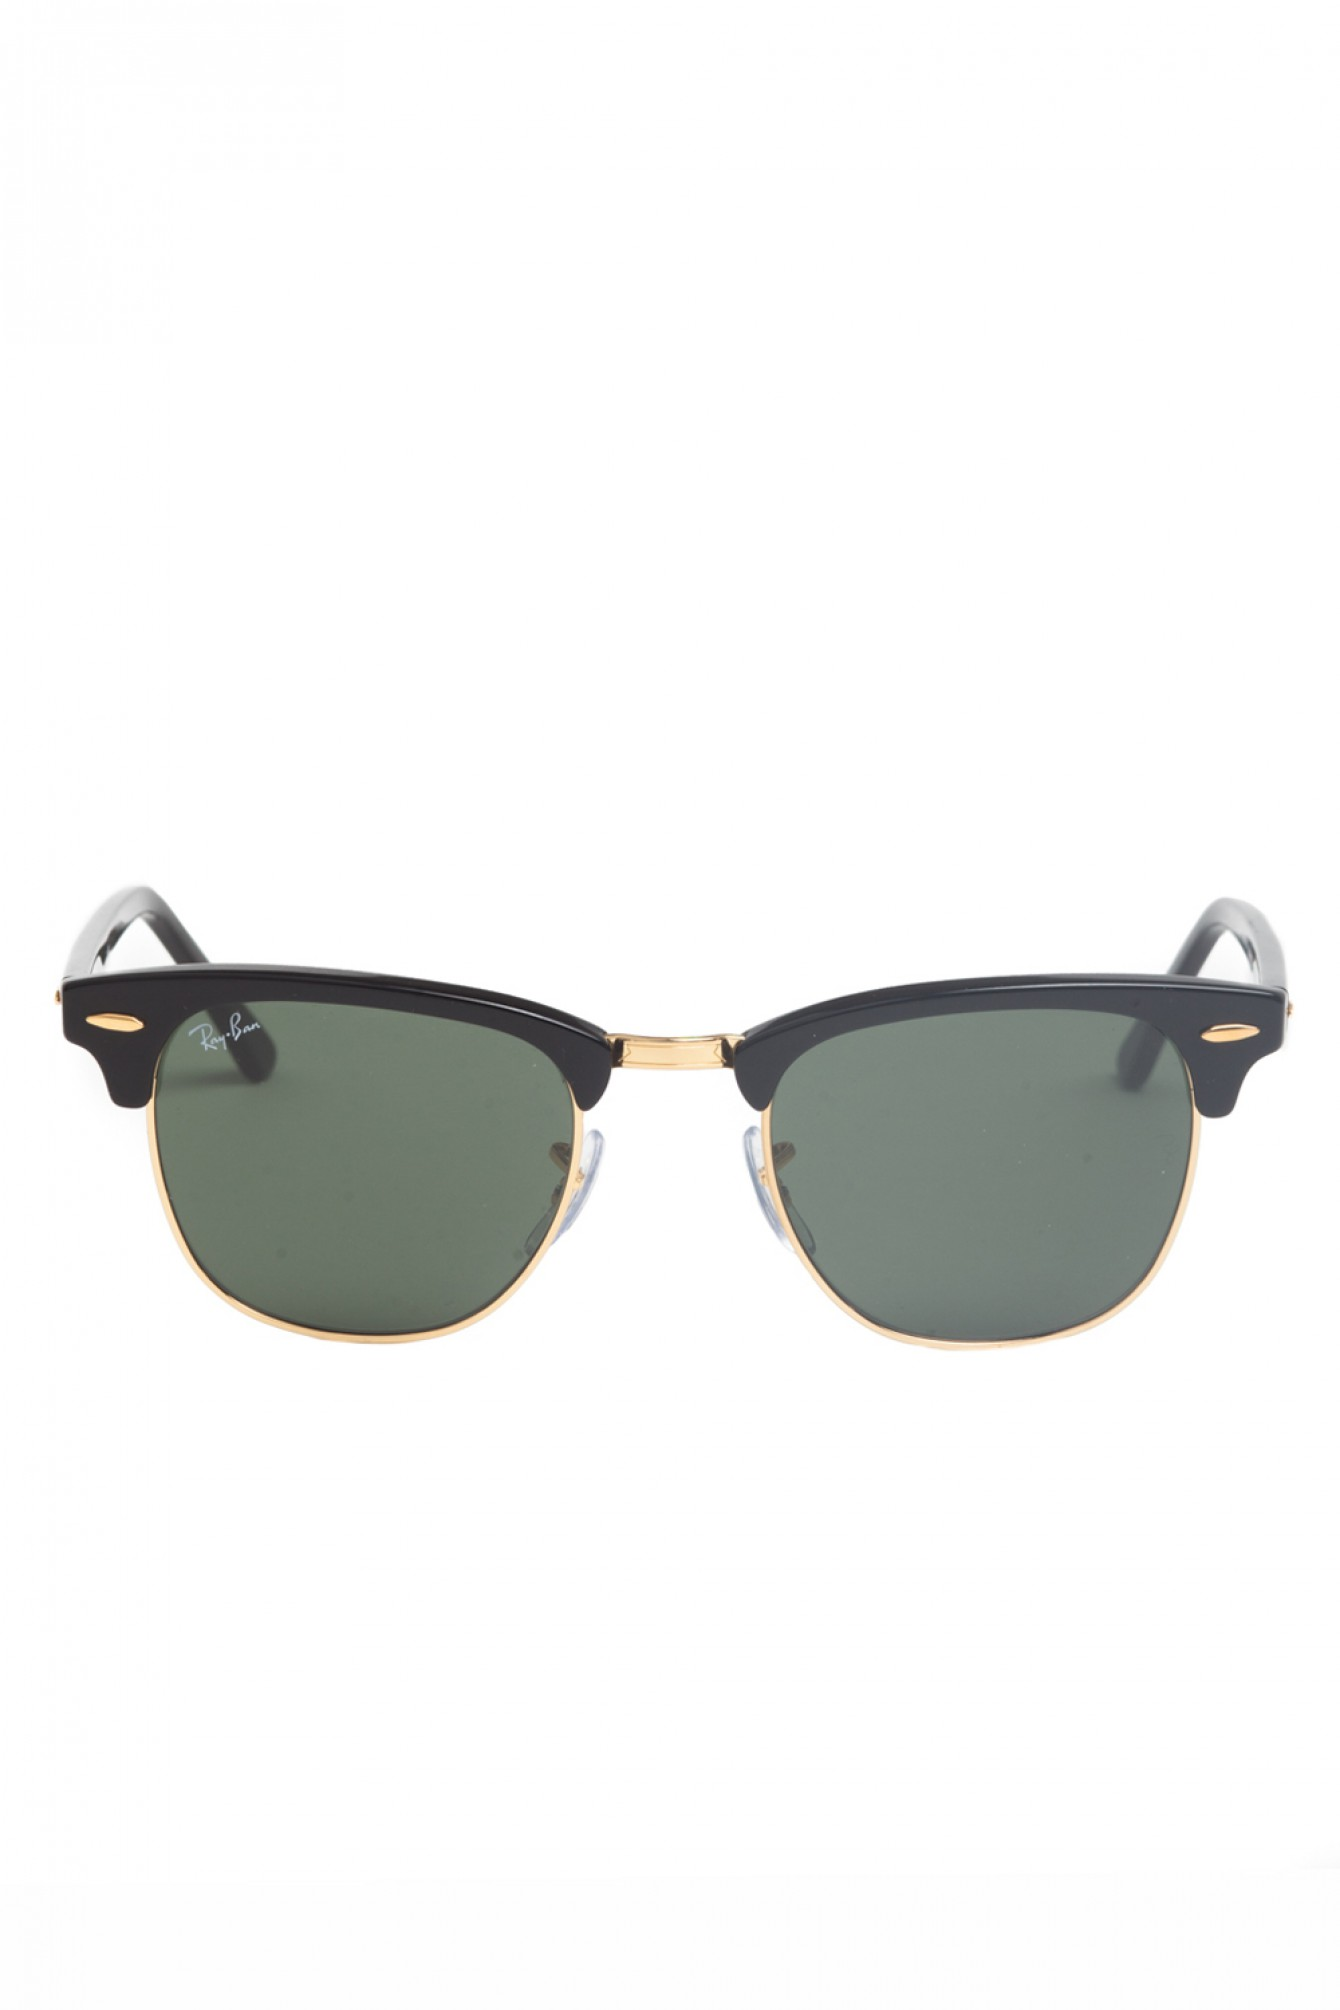 gafas ray ban descuento